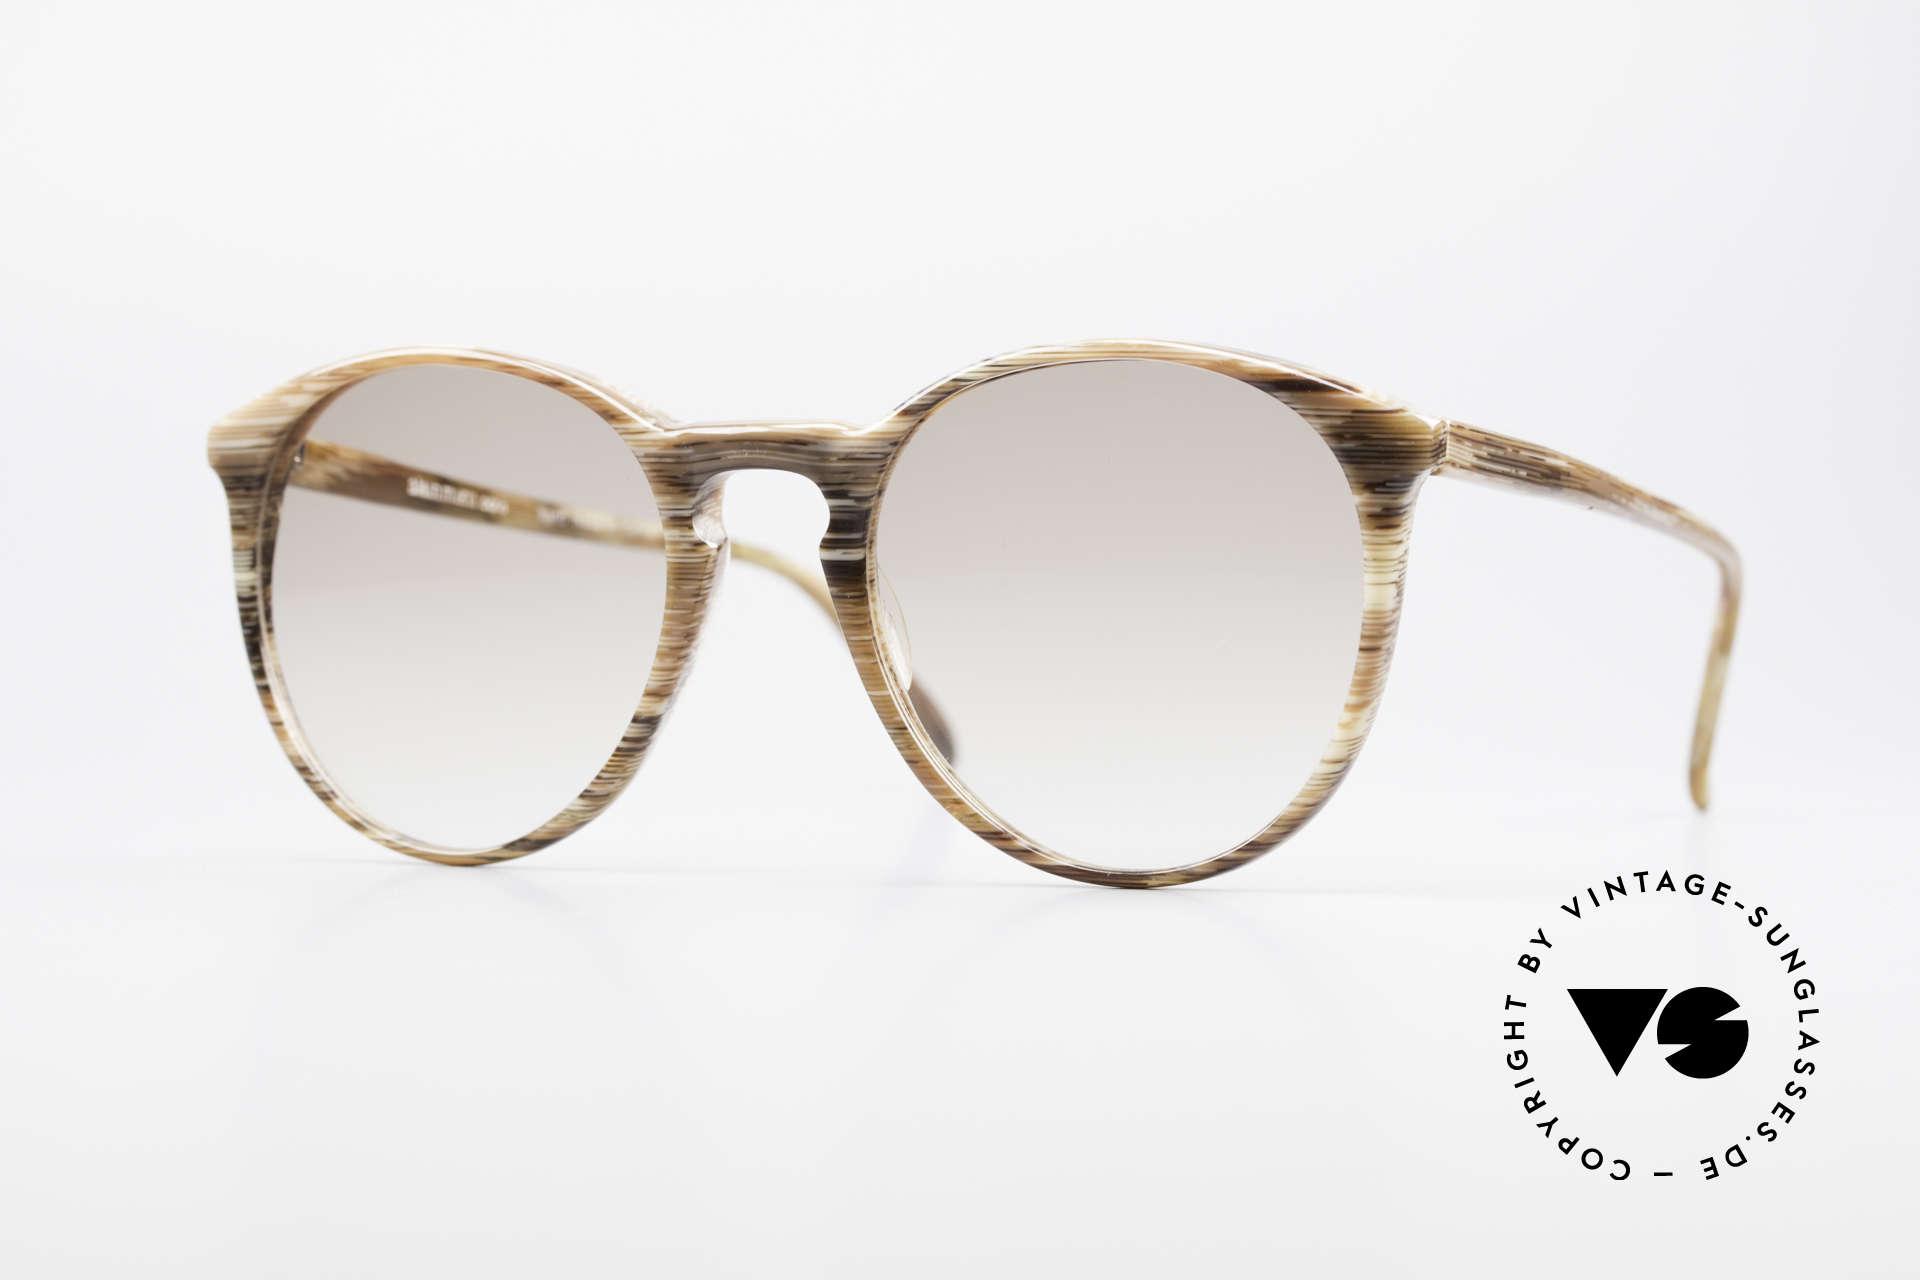 Alain Mikli 901 / 153 Horn Optik Panto Sonnenbrille, elegante ALAIN MIKLI Paris Designer-Sonnenbrille, Passend für Herren und Damen